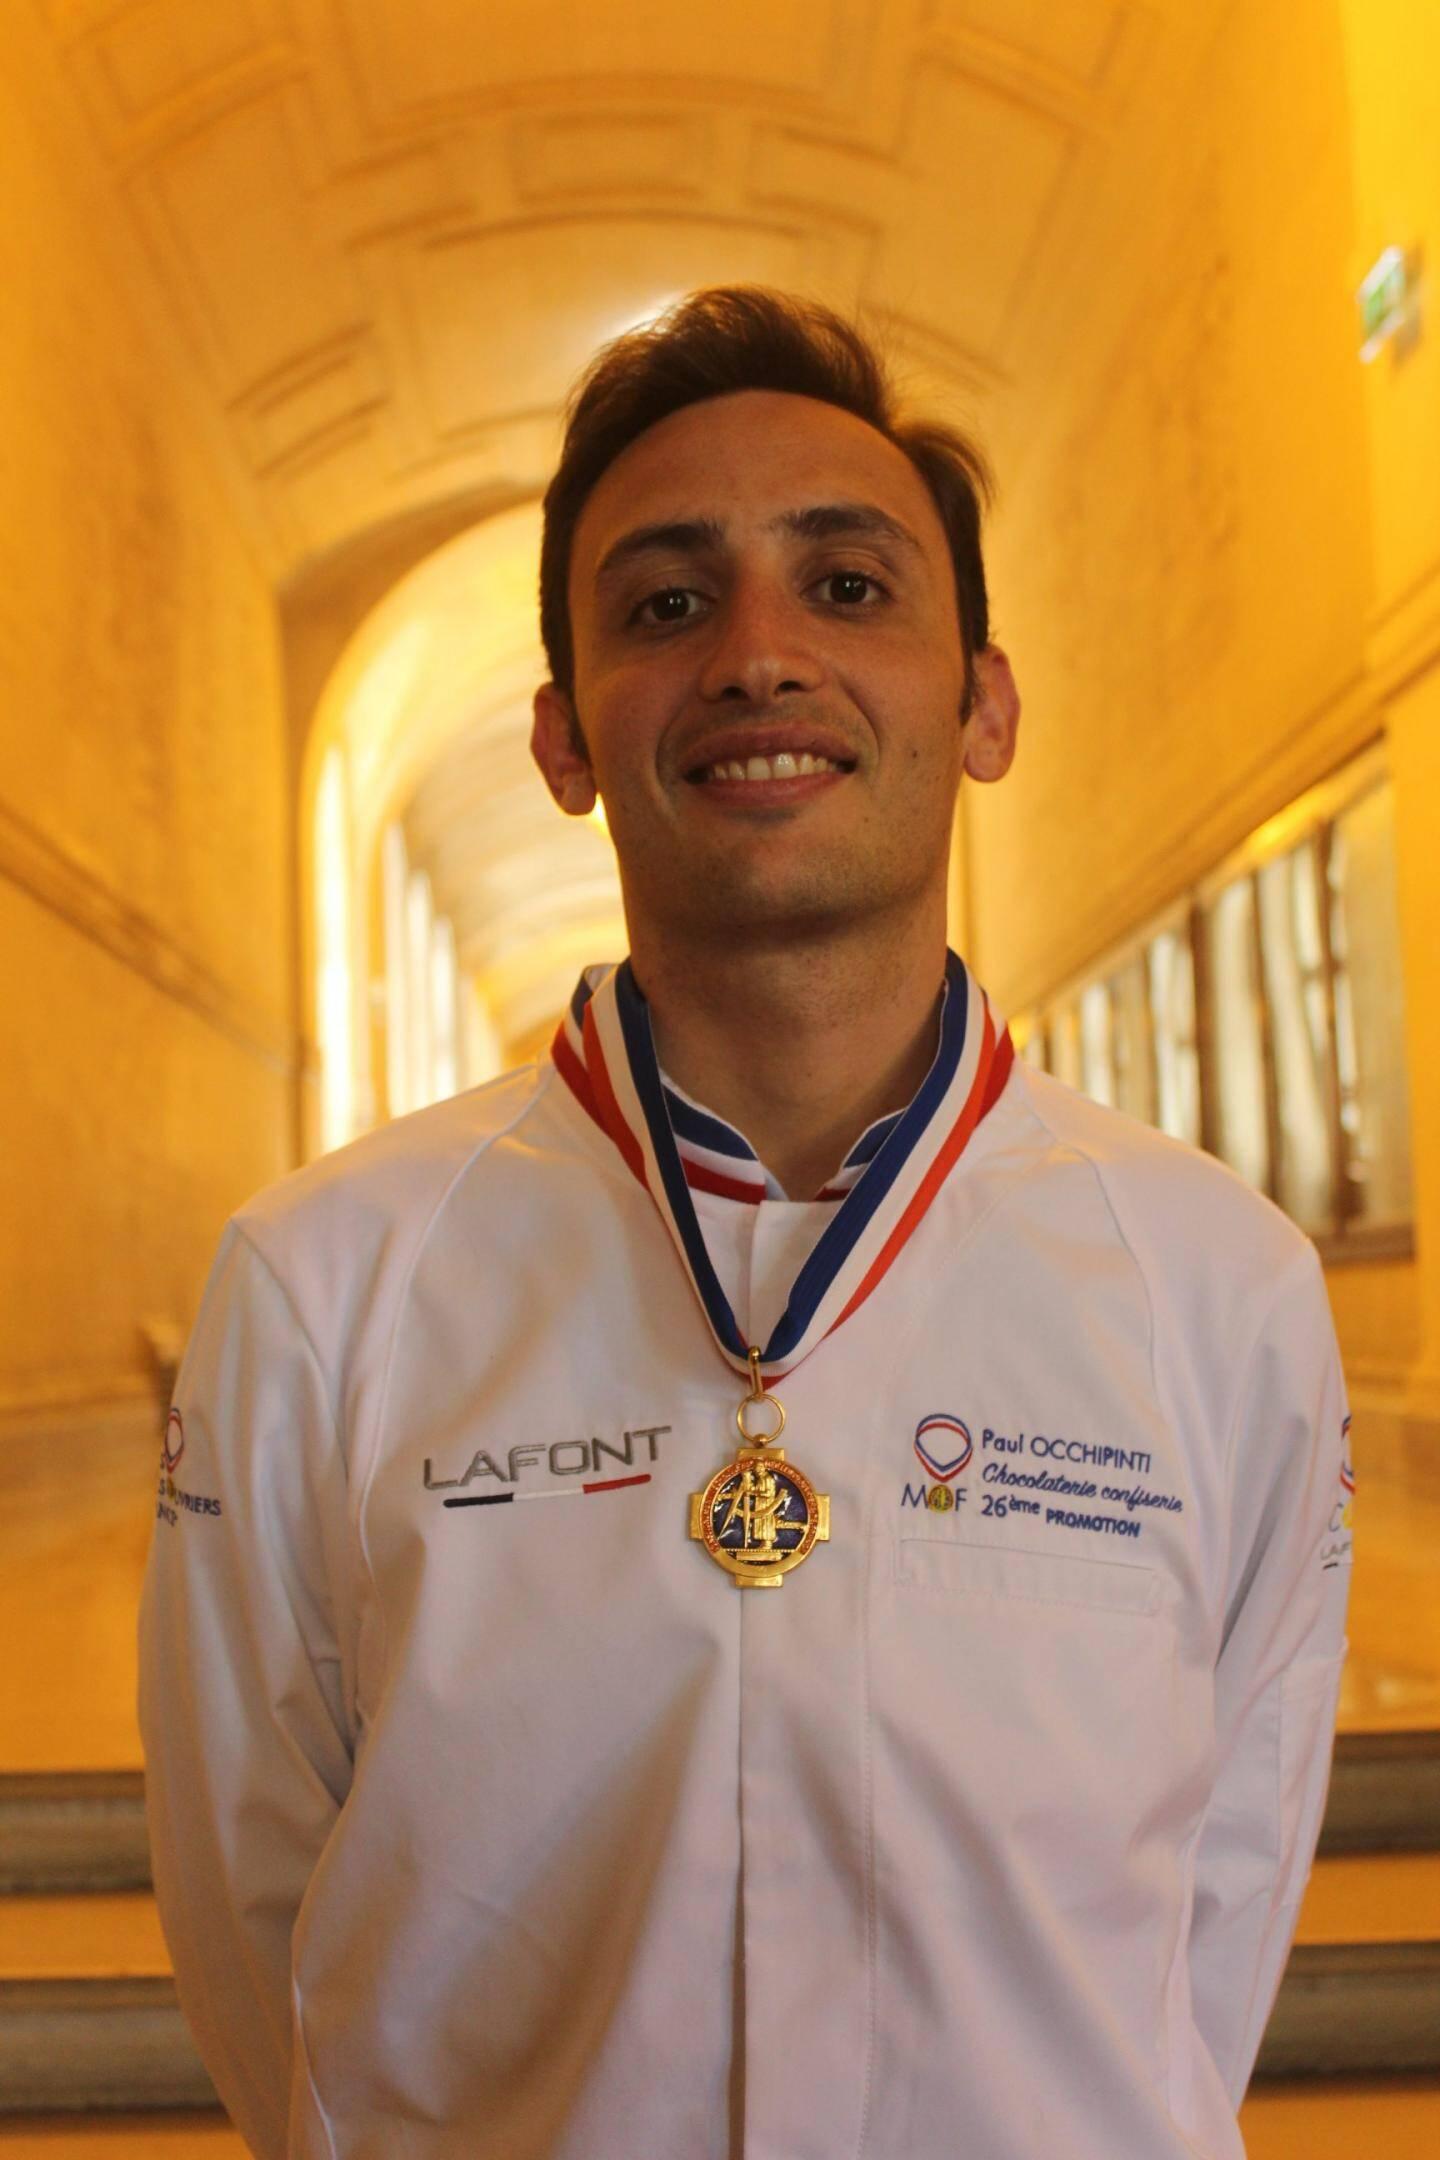 Paul Occhipinti, sous-chef pâtissier à l'hôtel Eden Roc du cap d'Antibes, Mof chocolatier confiserie.